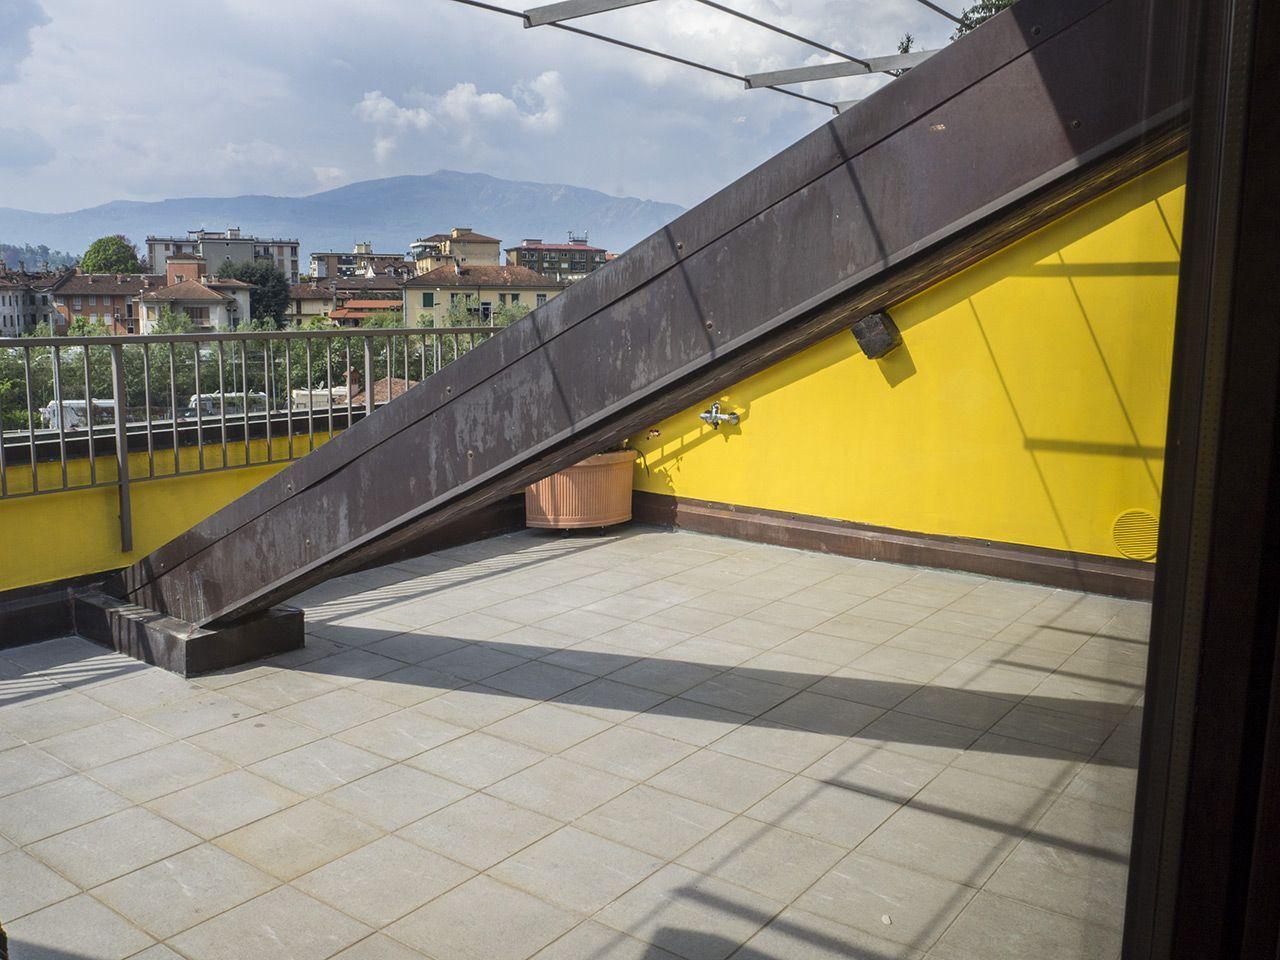 Three-room apartment in Verbania - terrace